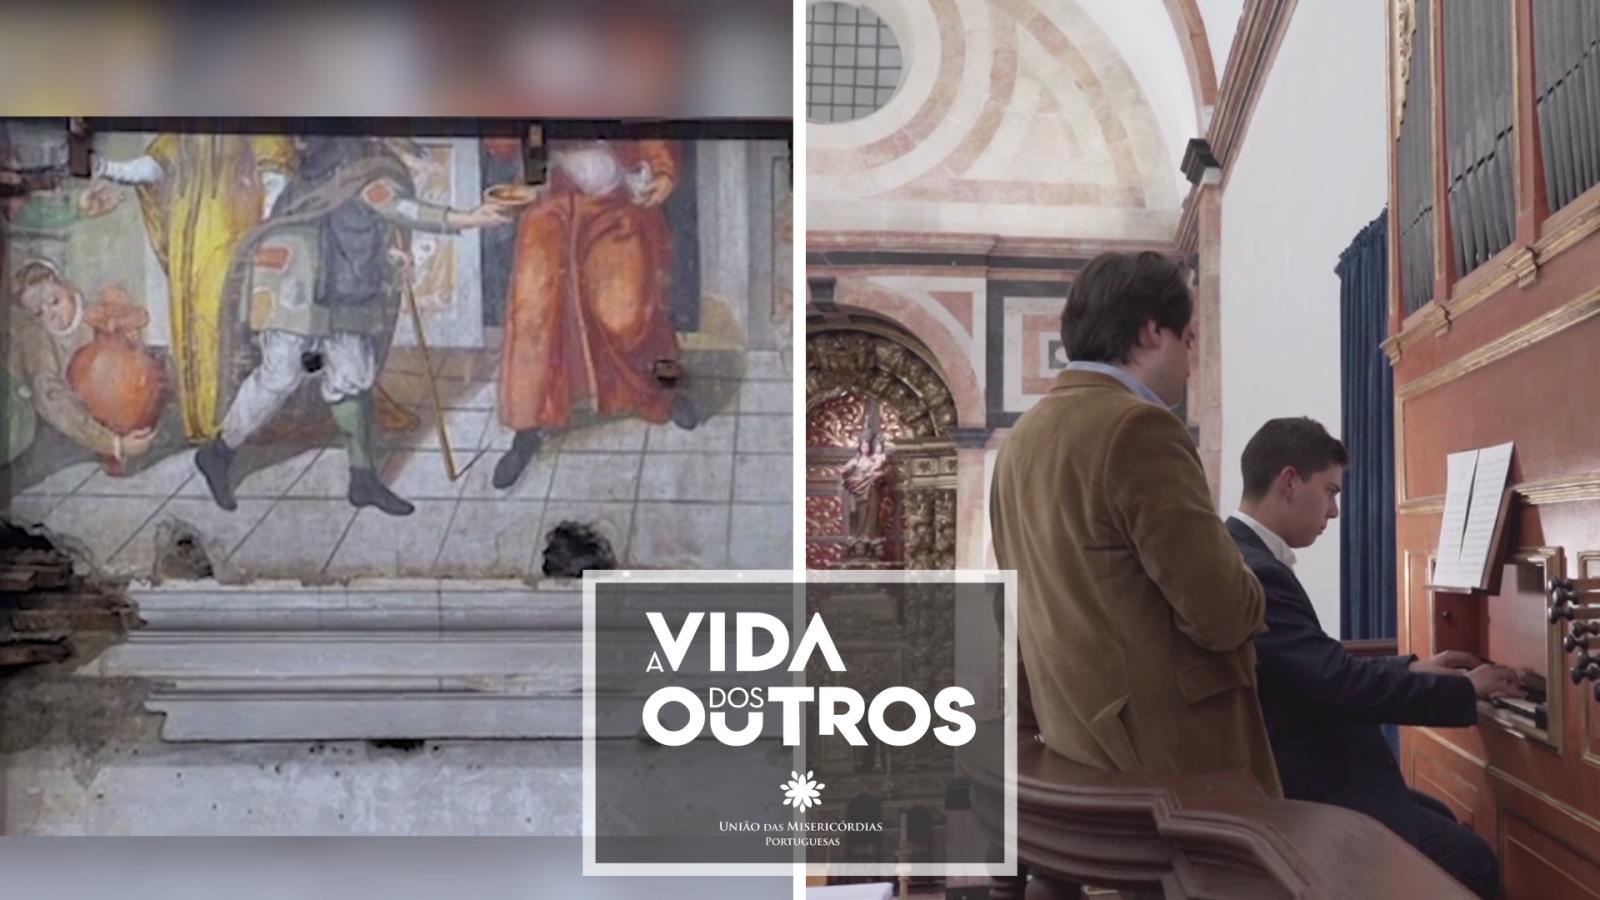 DIMS | Filmes da UMPtv  apresentam projetos de conservação do património das MIsericórdias